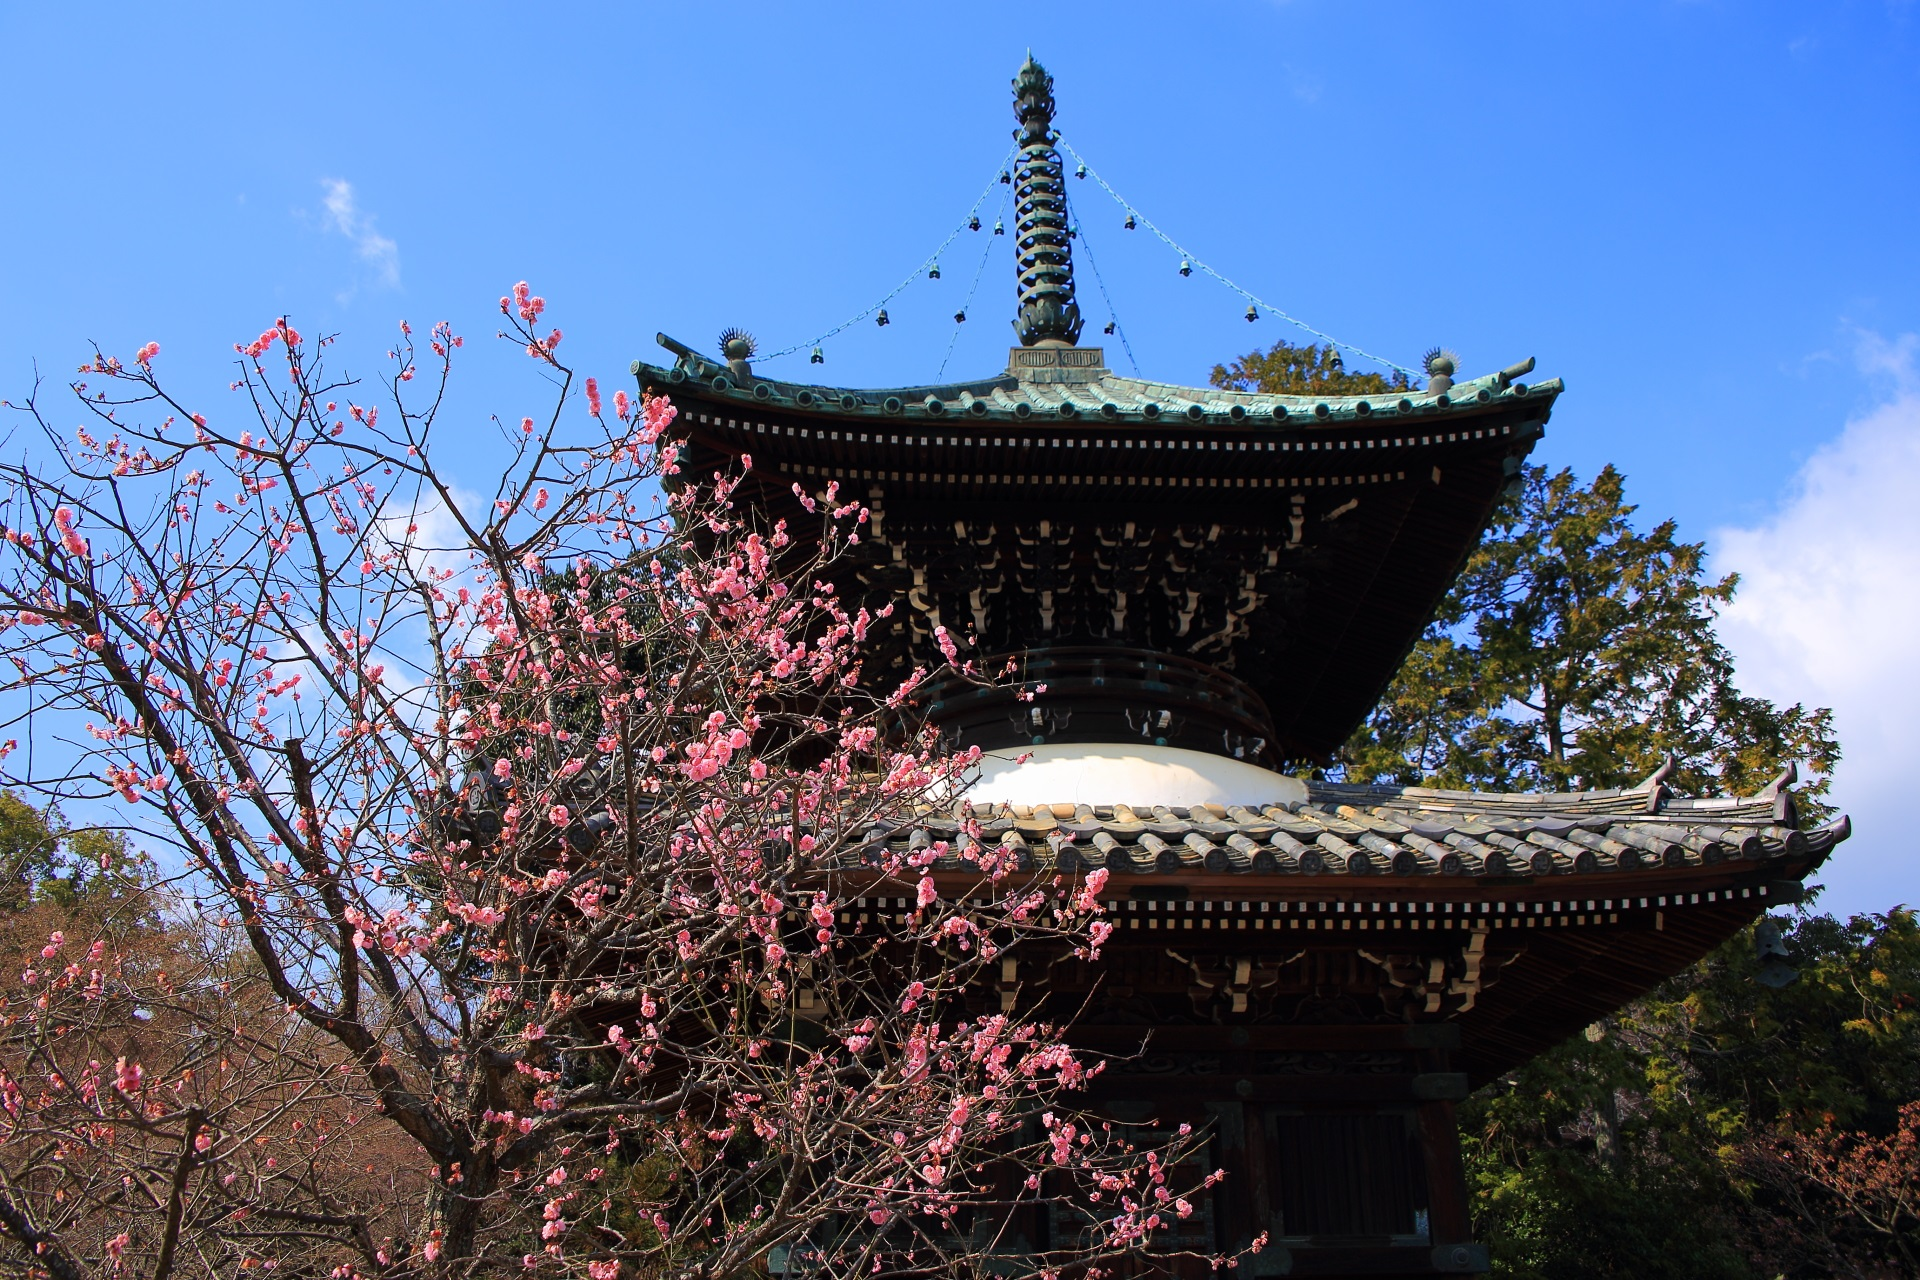 嵯峨釈迦堂の多宝塔のピンクの梅